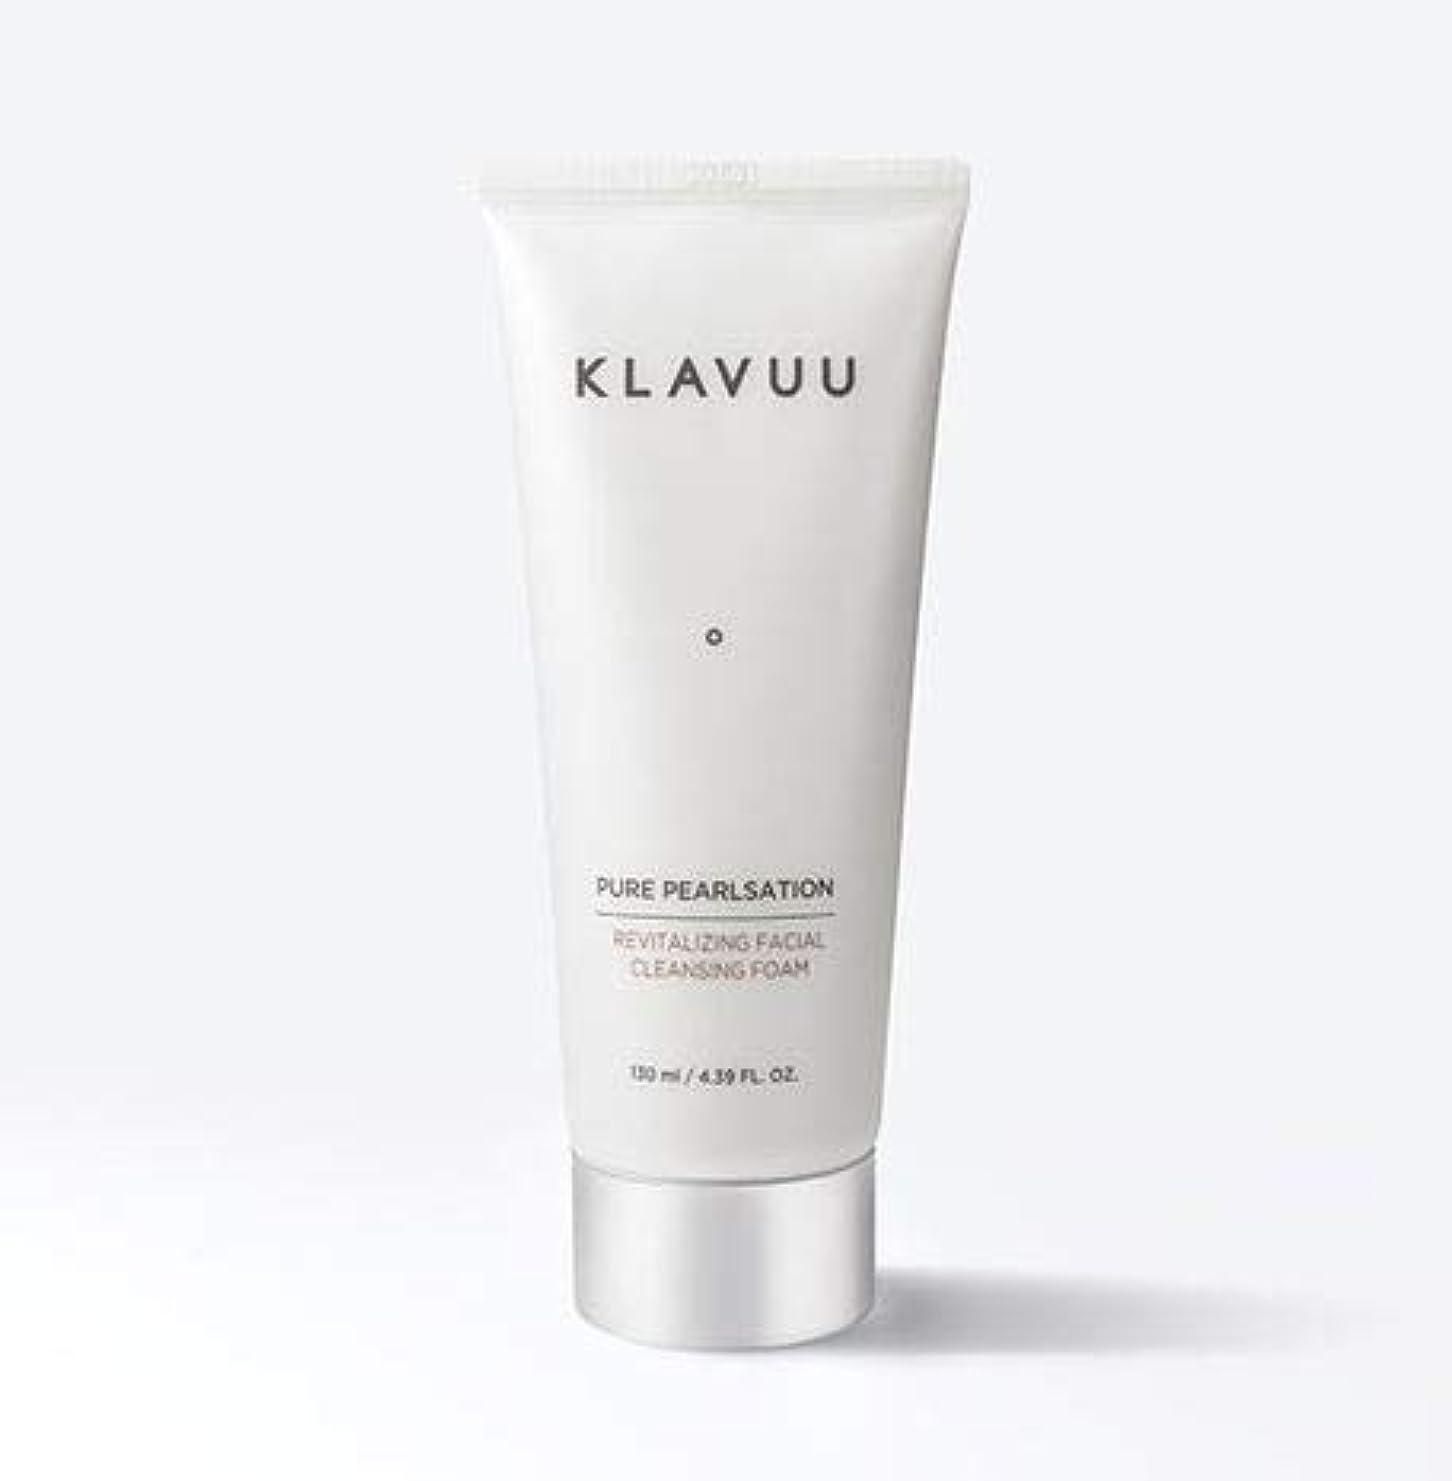 官僚虚栄心書き込み[ Klavuu ] PURE PEARLSATION Revitalizing Facial Cleansing Foam /[クラビュー ] ピュア パールセ―ション リバイタライジング フェイシャル クレンジング...